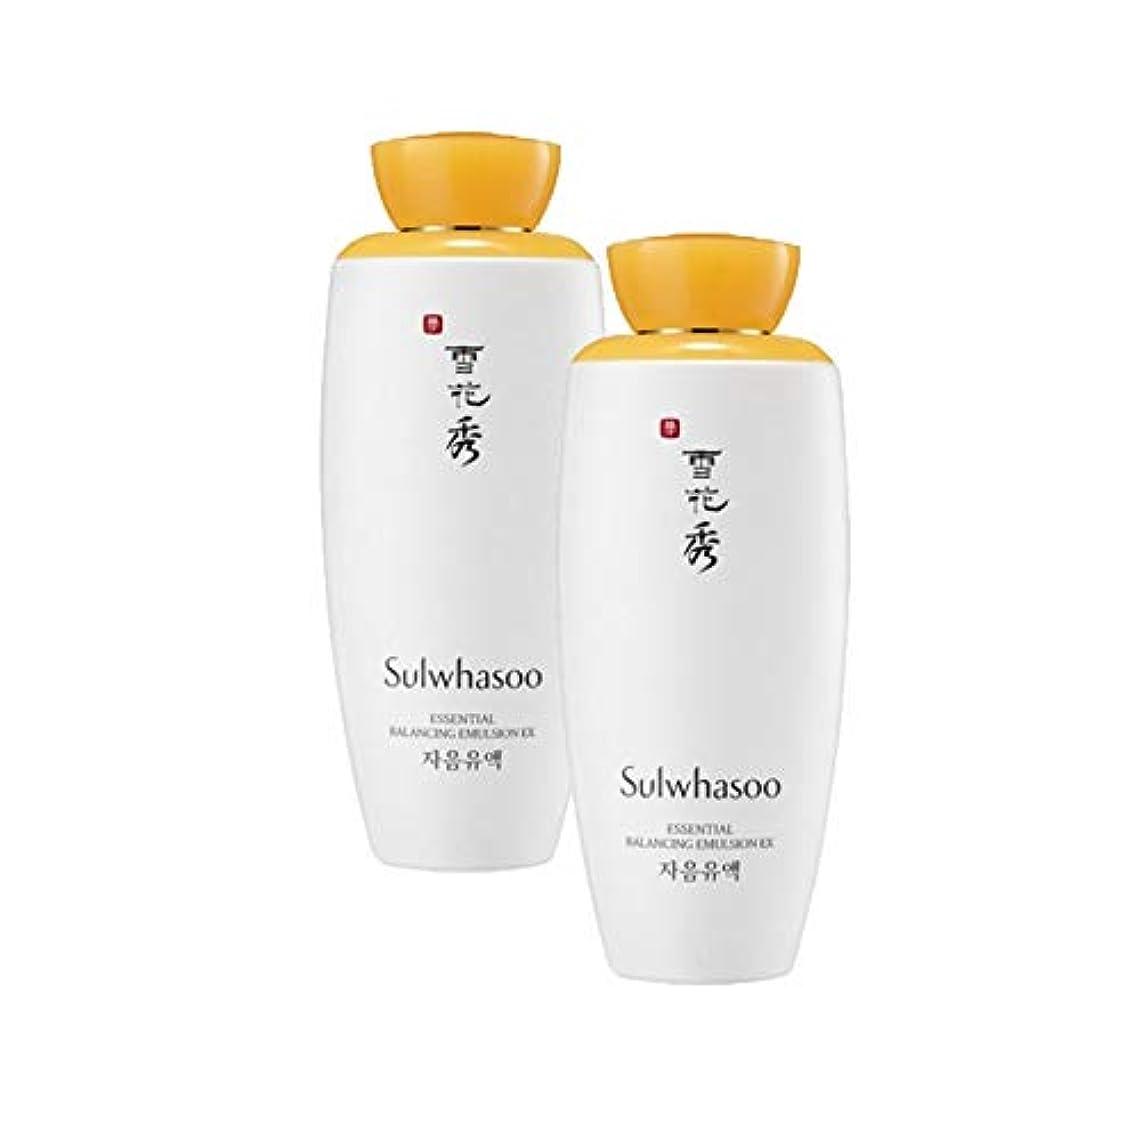 ヒステリック特許教育する雪花秀エッセンシャルバランシングエマルジョンEX 125mlx2本セット韓国コスメ、Sulwhasoo Essential Balancing Emulsion EX 125ml x 2ea Set Korean Cosmetics...